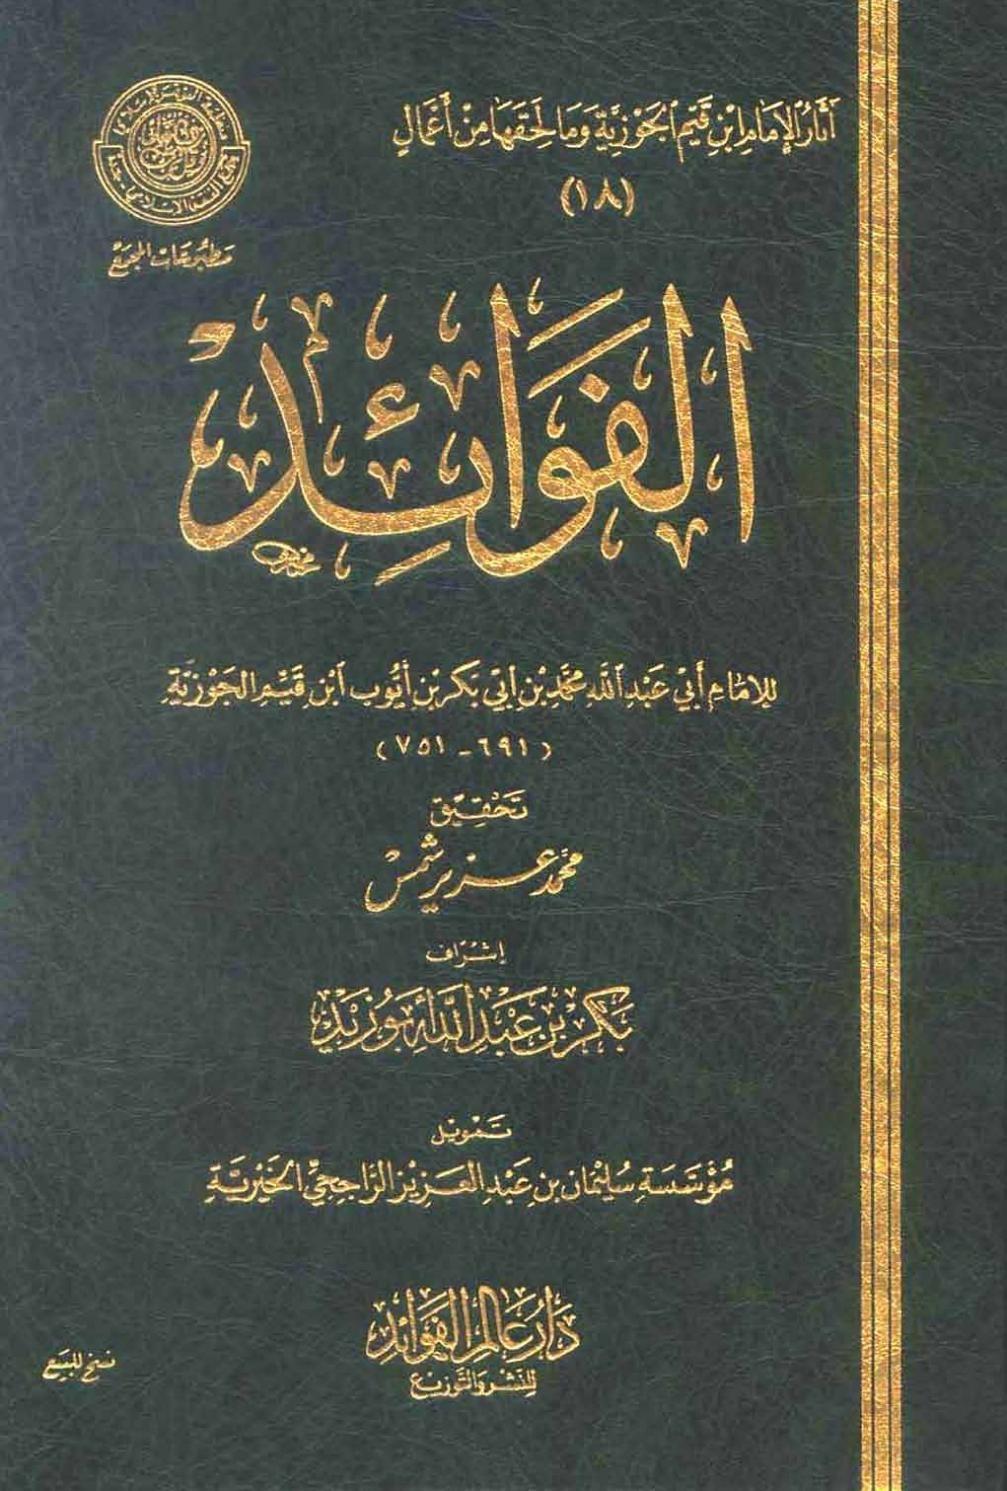 الفوائد آثار الإمام ابن قيم الجوزية وما لحقها من أعمال Free Text Pdf Books Reading Arabic Books